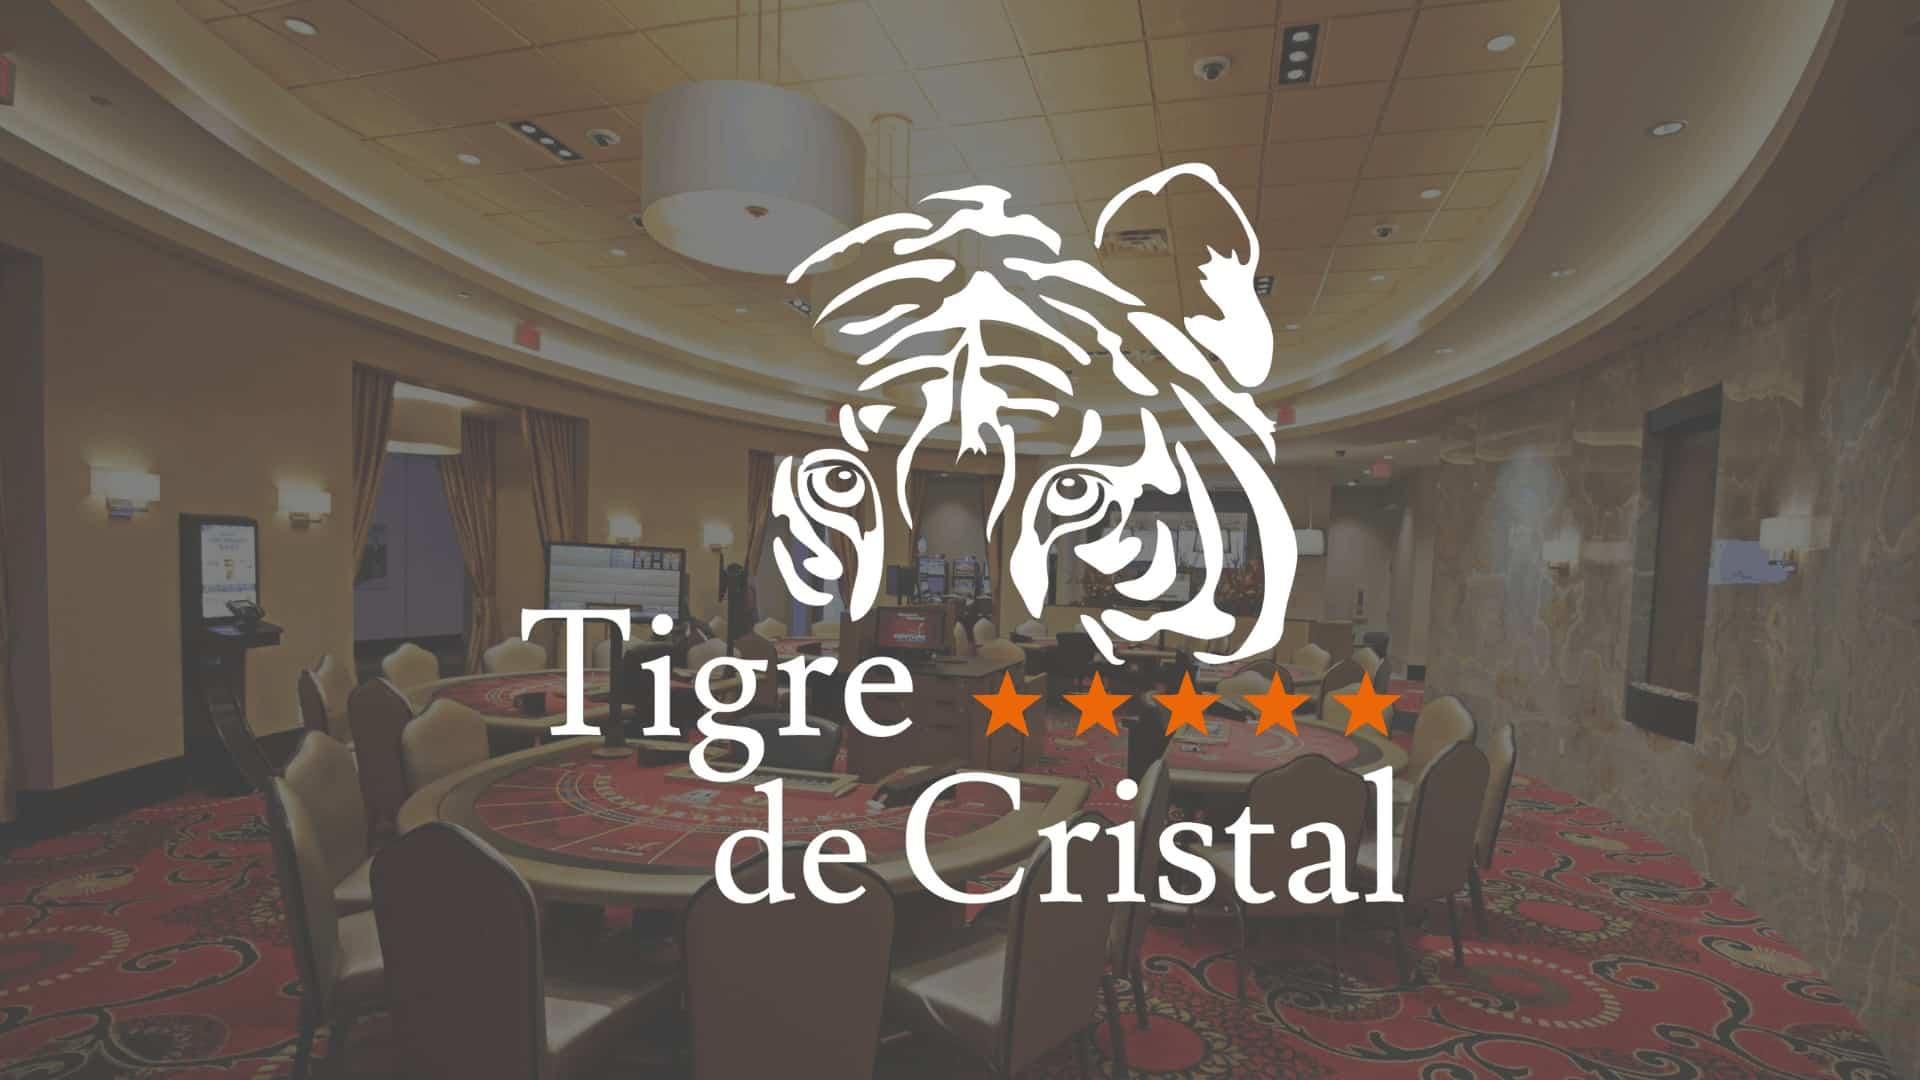 Photo of Russia's Casino Tigre de Cristal Surges VIP Slots